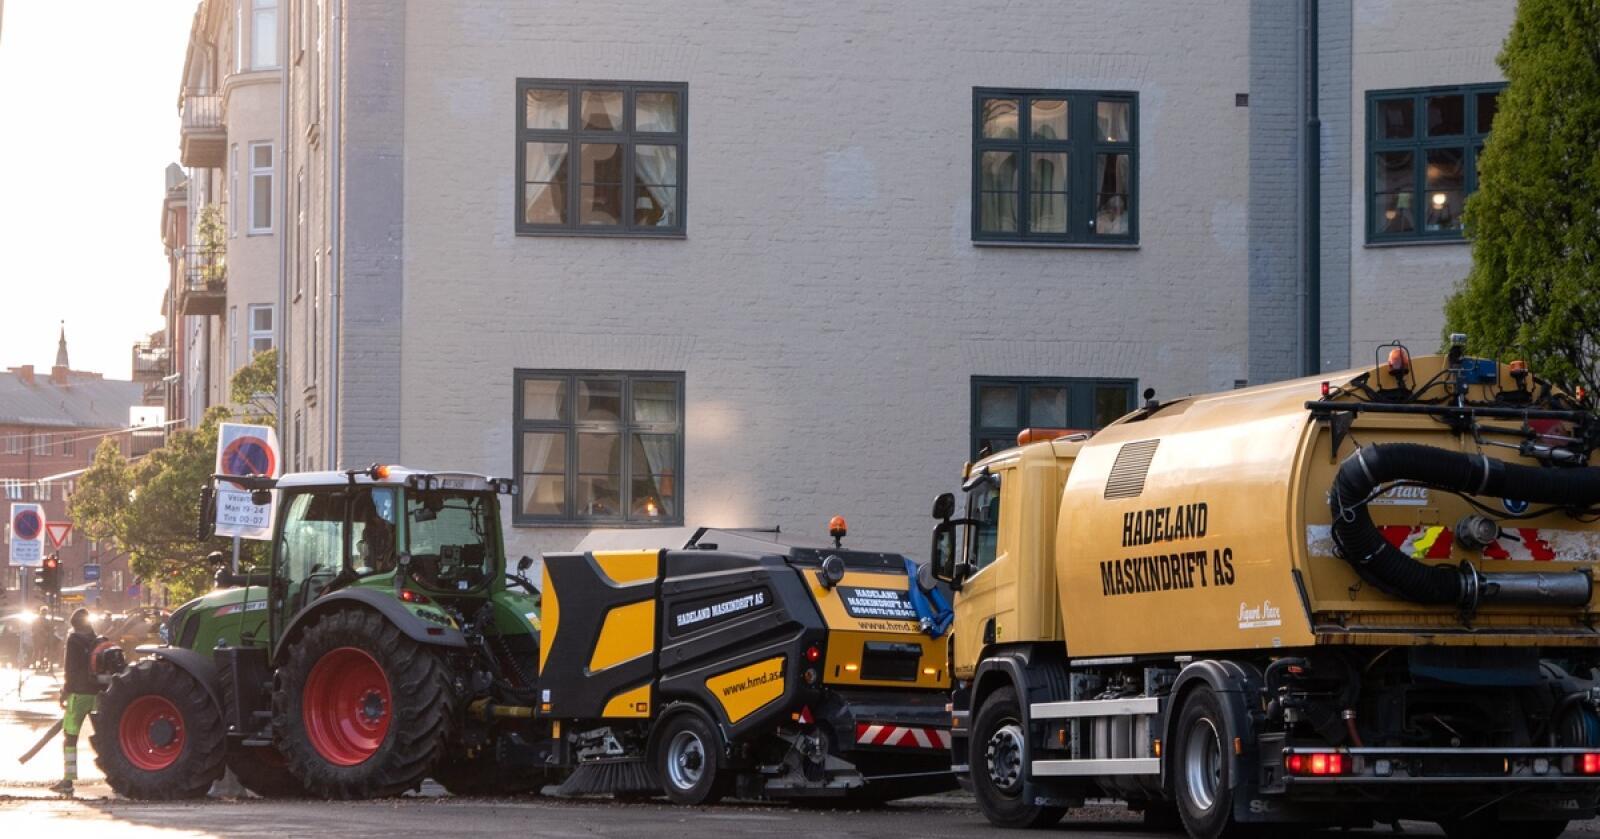 Vedlikehold: Hadeland Maskindrift fikk kontrakten med Oslo kommune. En lang rekke vedlikeholdsoppgaver skal utføres både sommer og vinter.